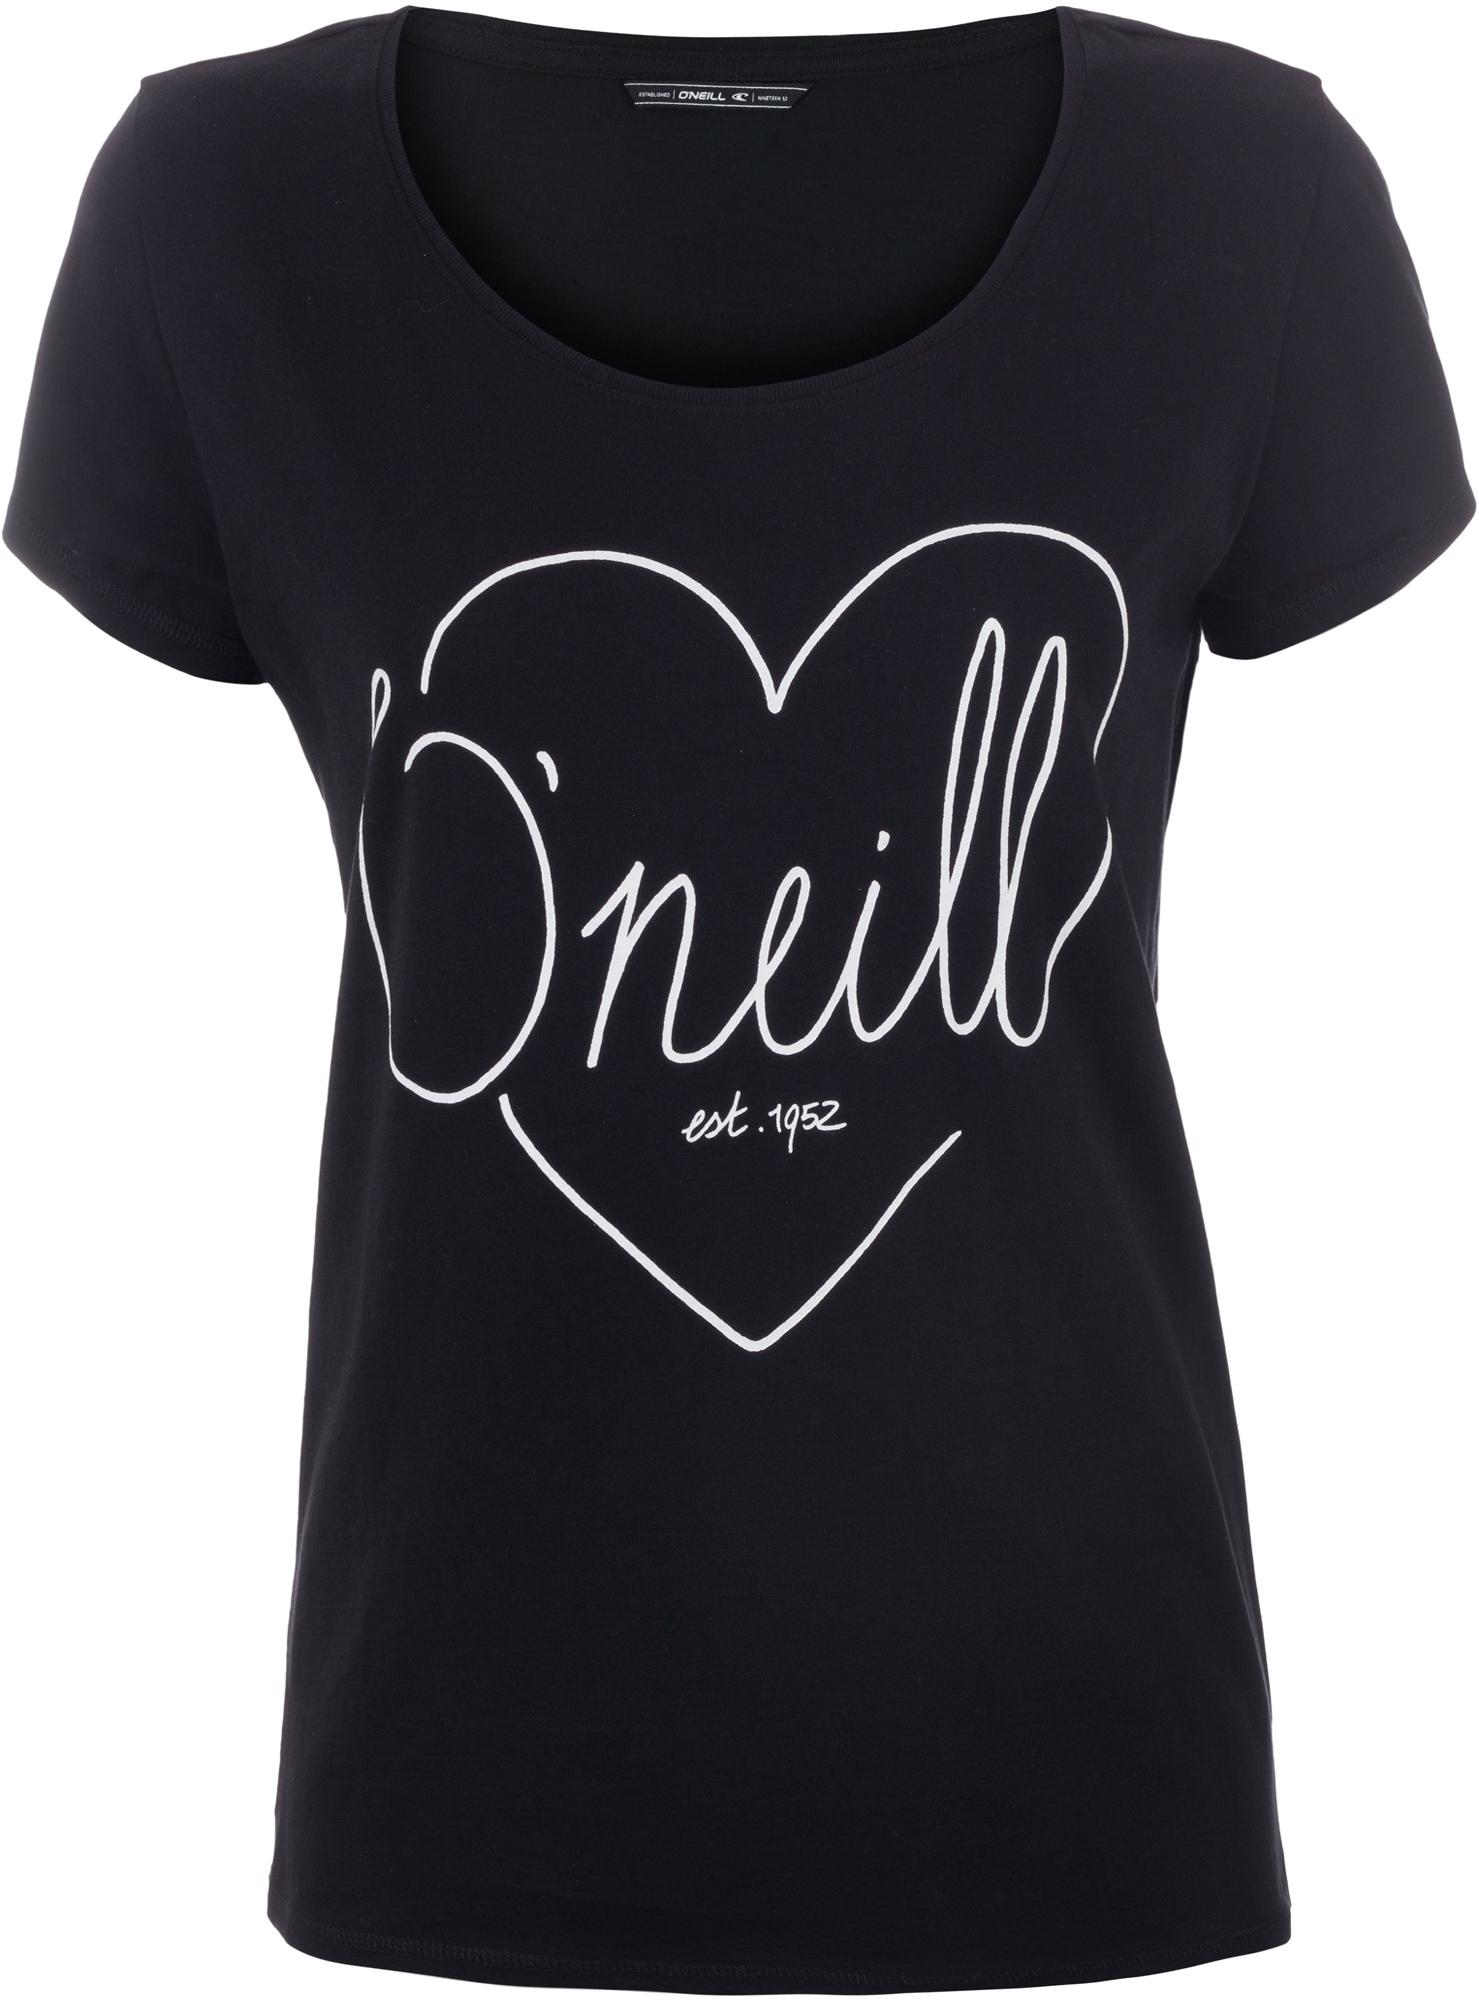 O'Neill Футболка женская O'Neill Heart Graphic o neill майка женская o neill santa cruz garden